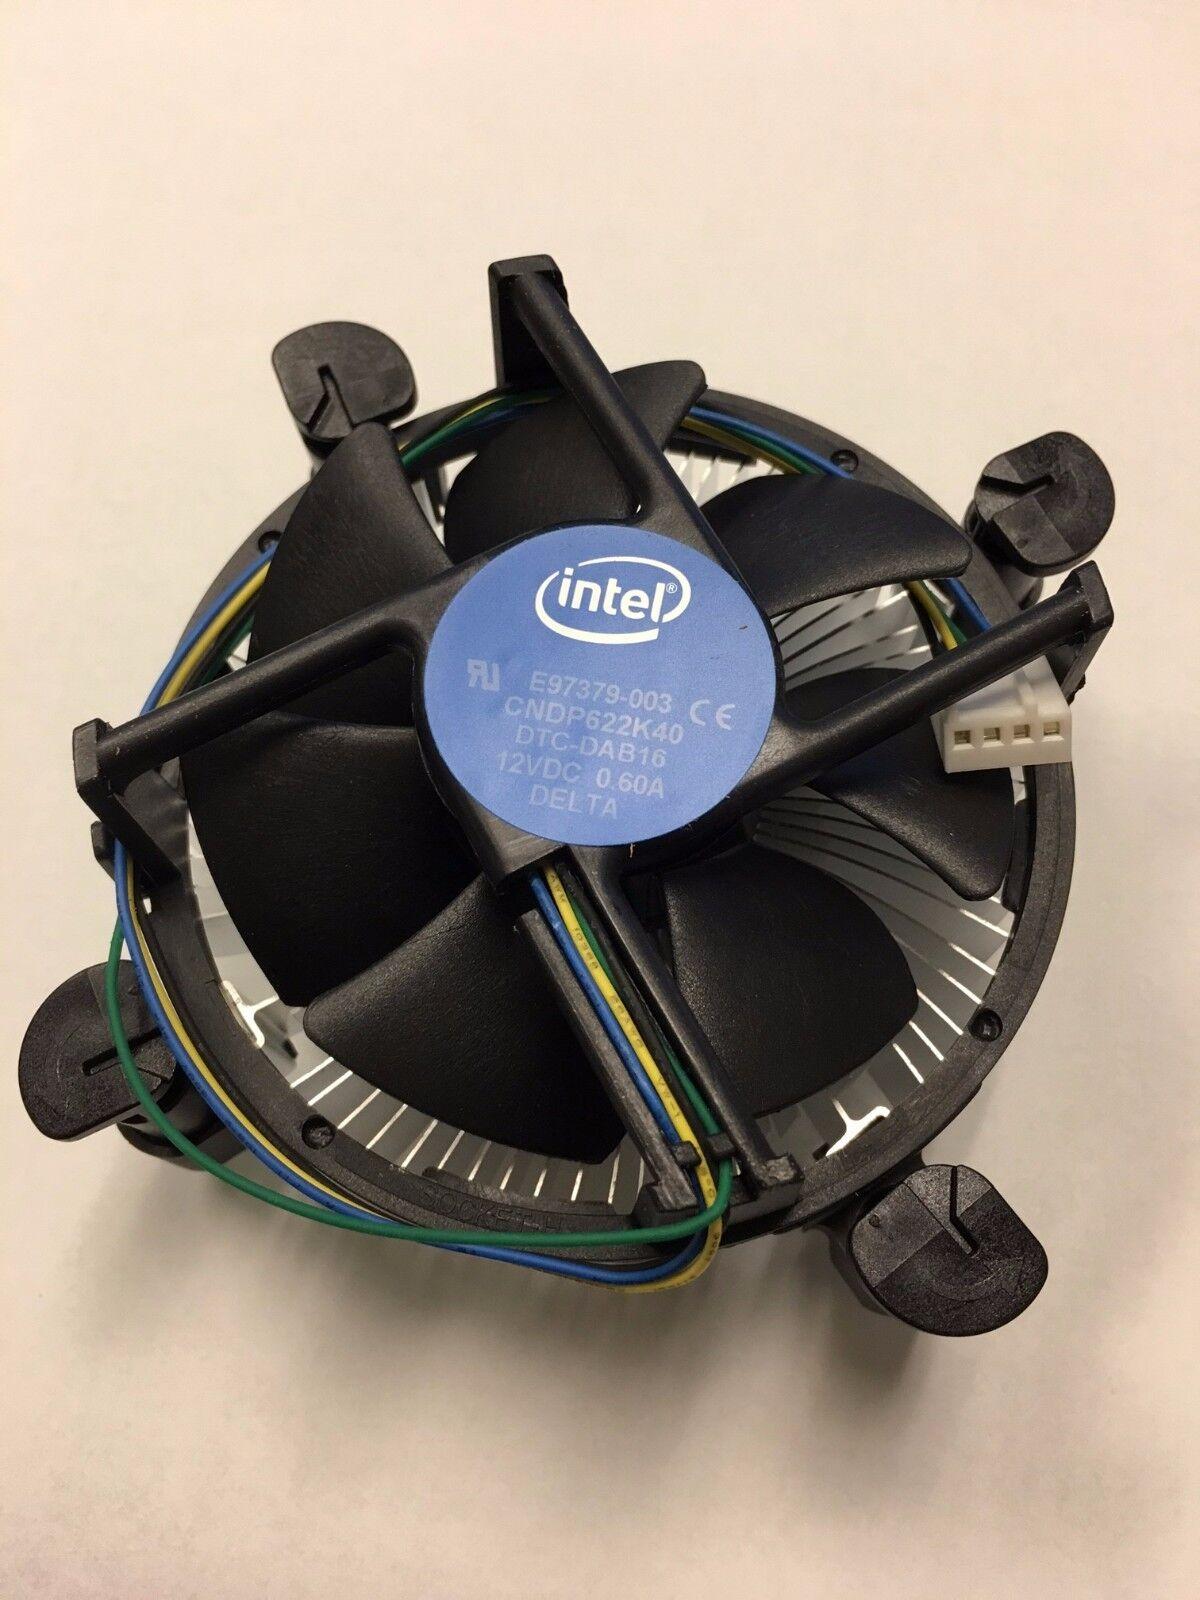 Intel E97379 Core i3 i5 i7 Socket LGA 1150 1155 1156 NEW CPU